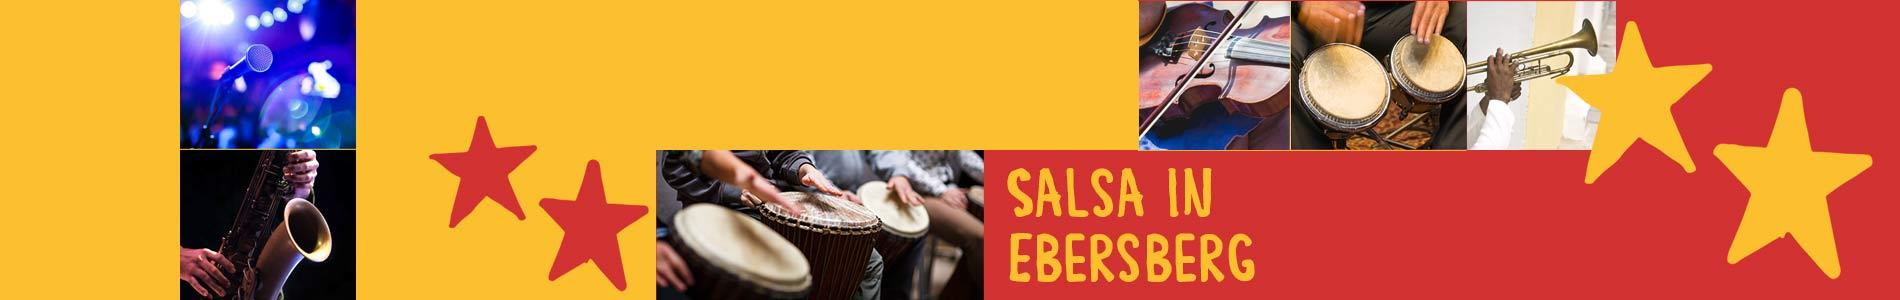 Salsa in Ebersberg – Salsa lernen und tanzen, Tanzkurse, Partys, Veranstaltungen